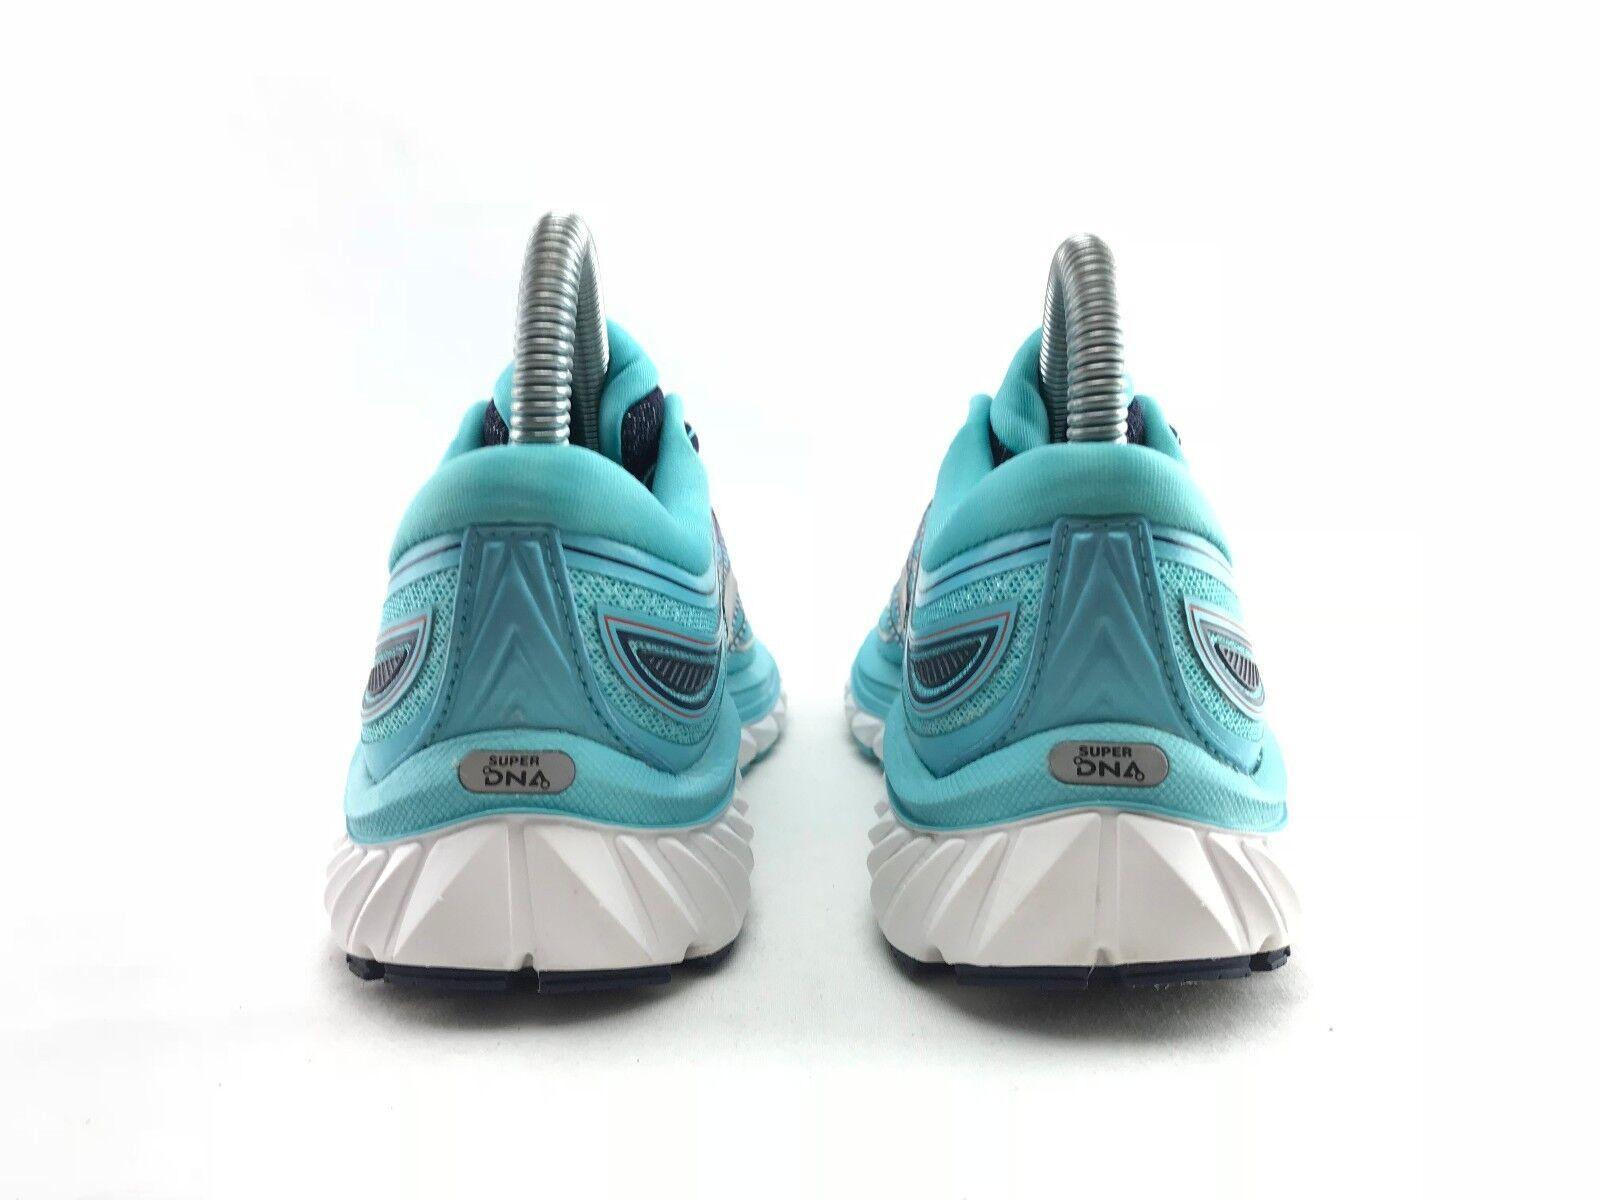 BROOKS Glycerin 15 Athletic Damens's Blau Running Jogging Athletic 15 Gym Schuhes US 5 B B863 3bab54